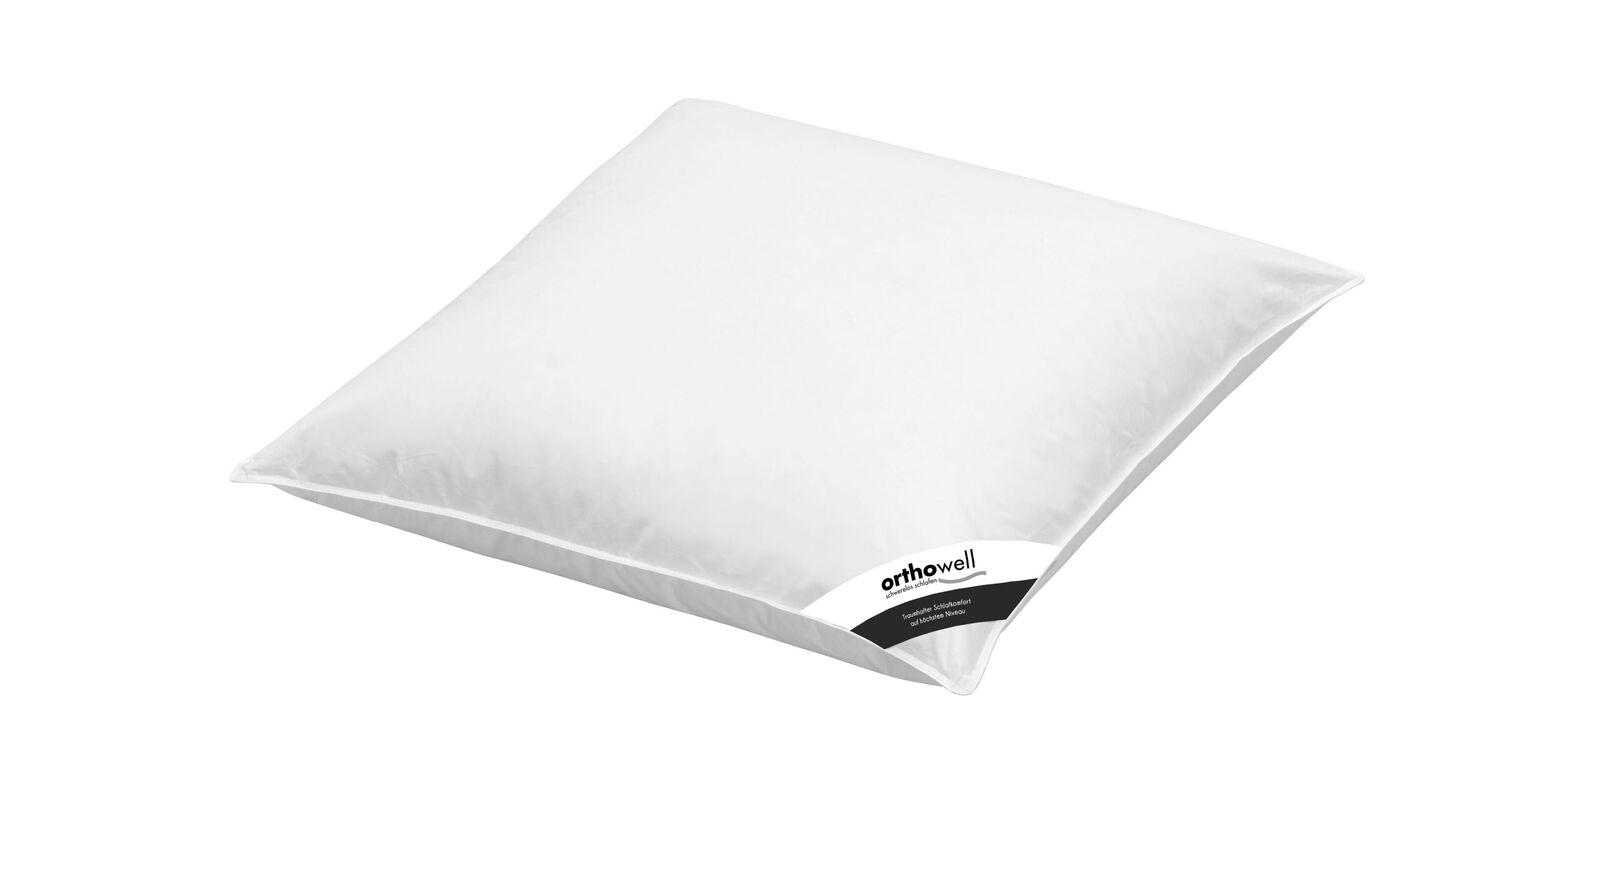 Faser-Kissen orthowell Standard mit ungestepptem Bezug in 80x80 cm